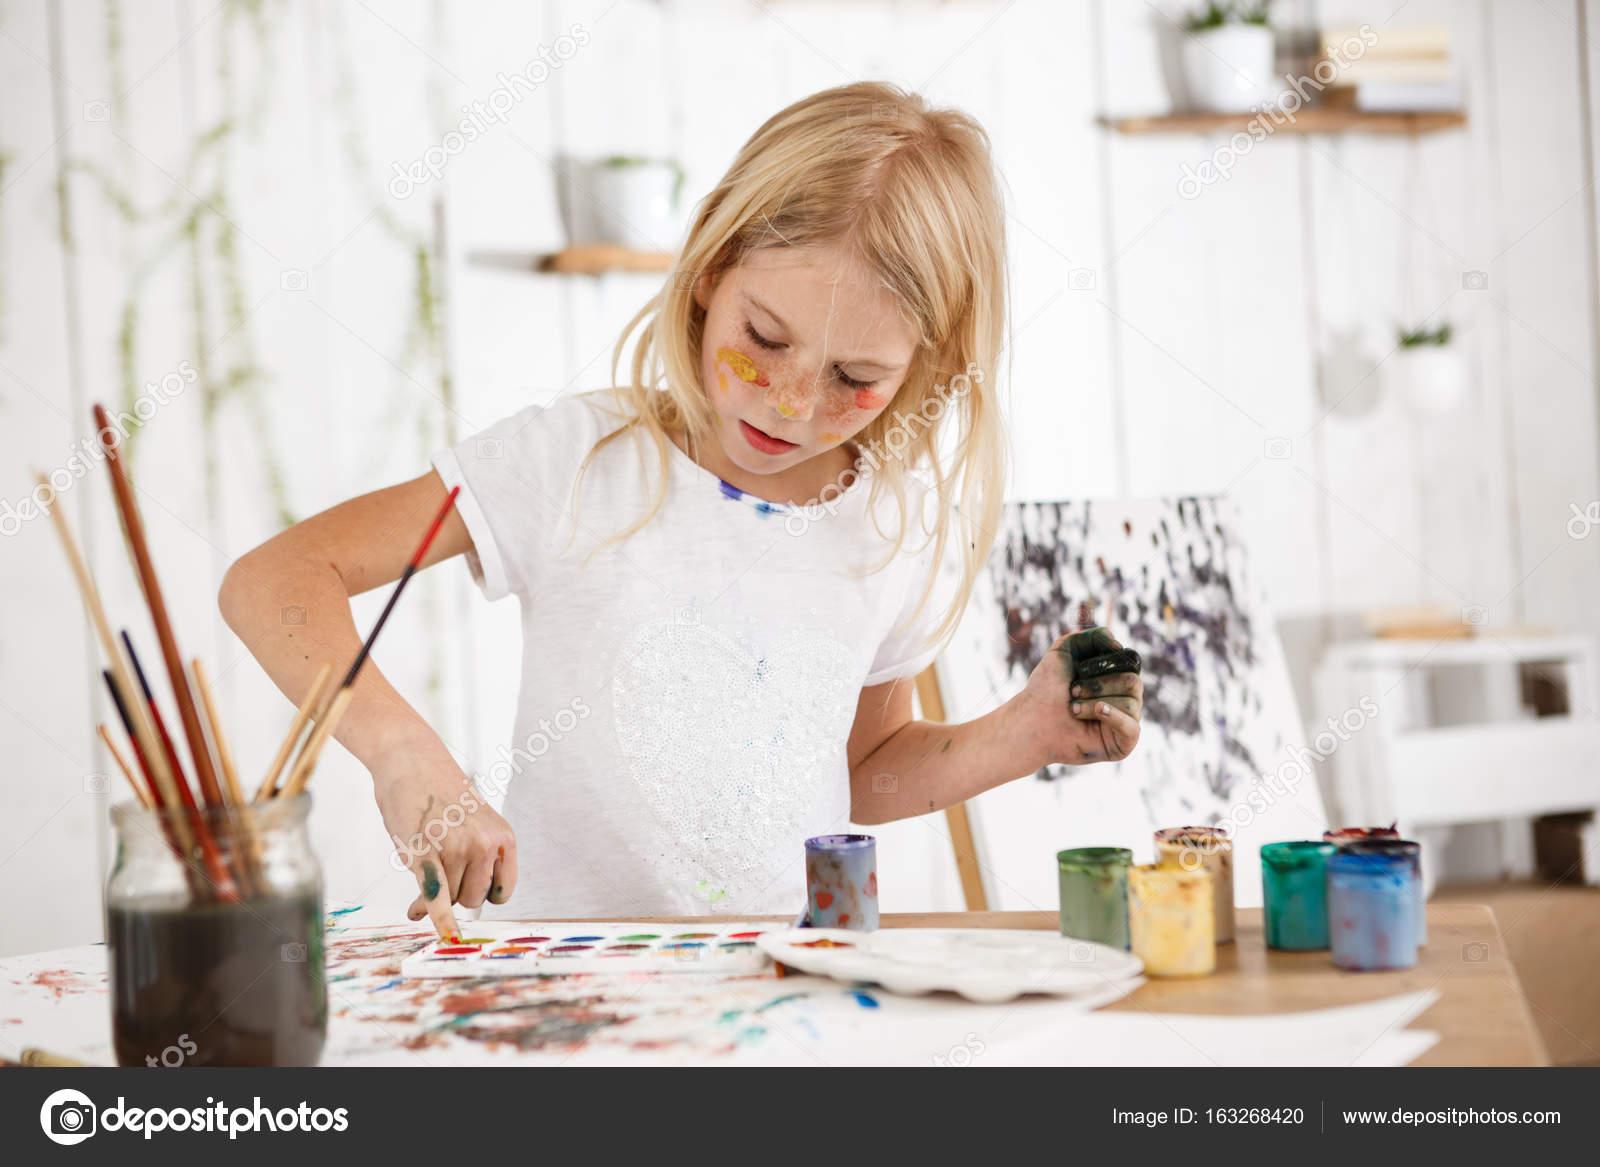 Creatieve mooie vrouwelijke kind met blonde haren workinh op haar